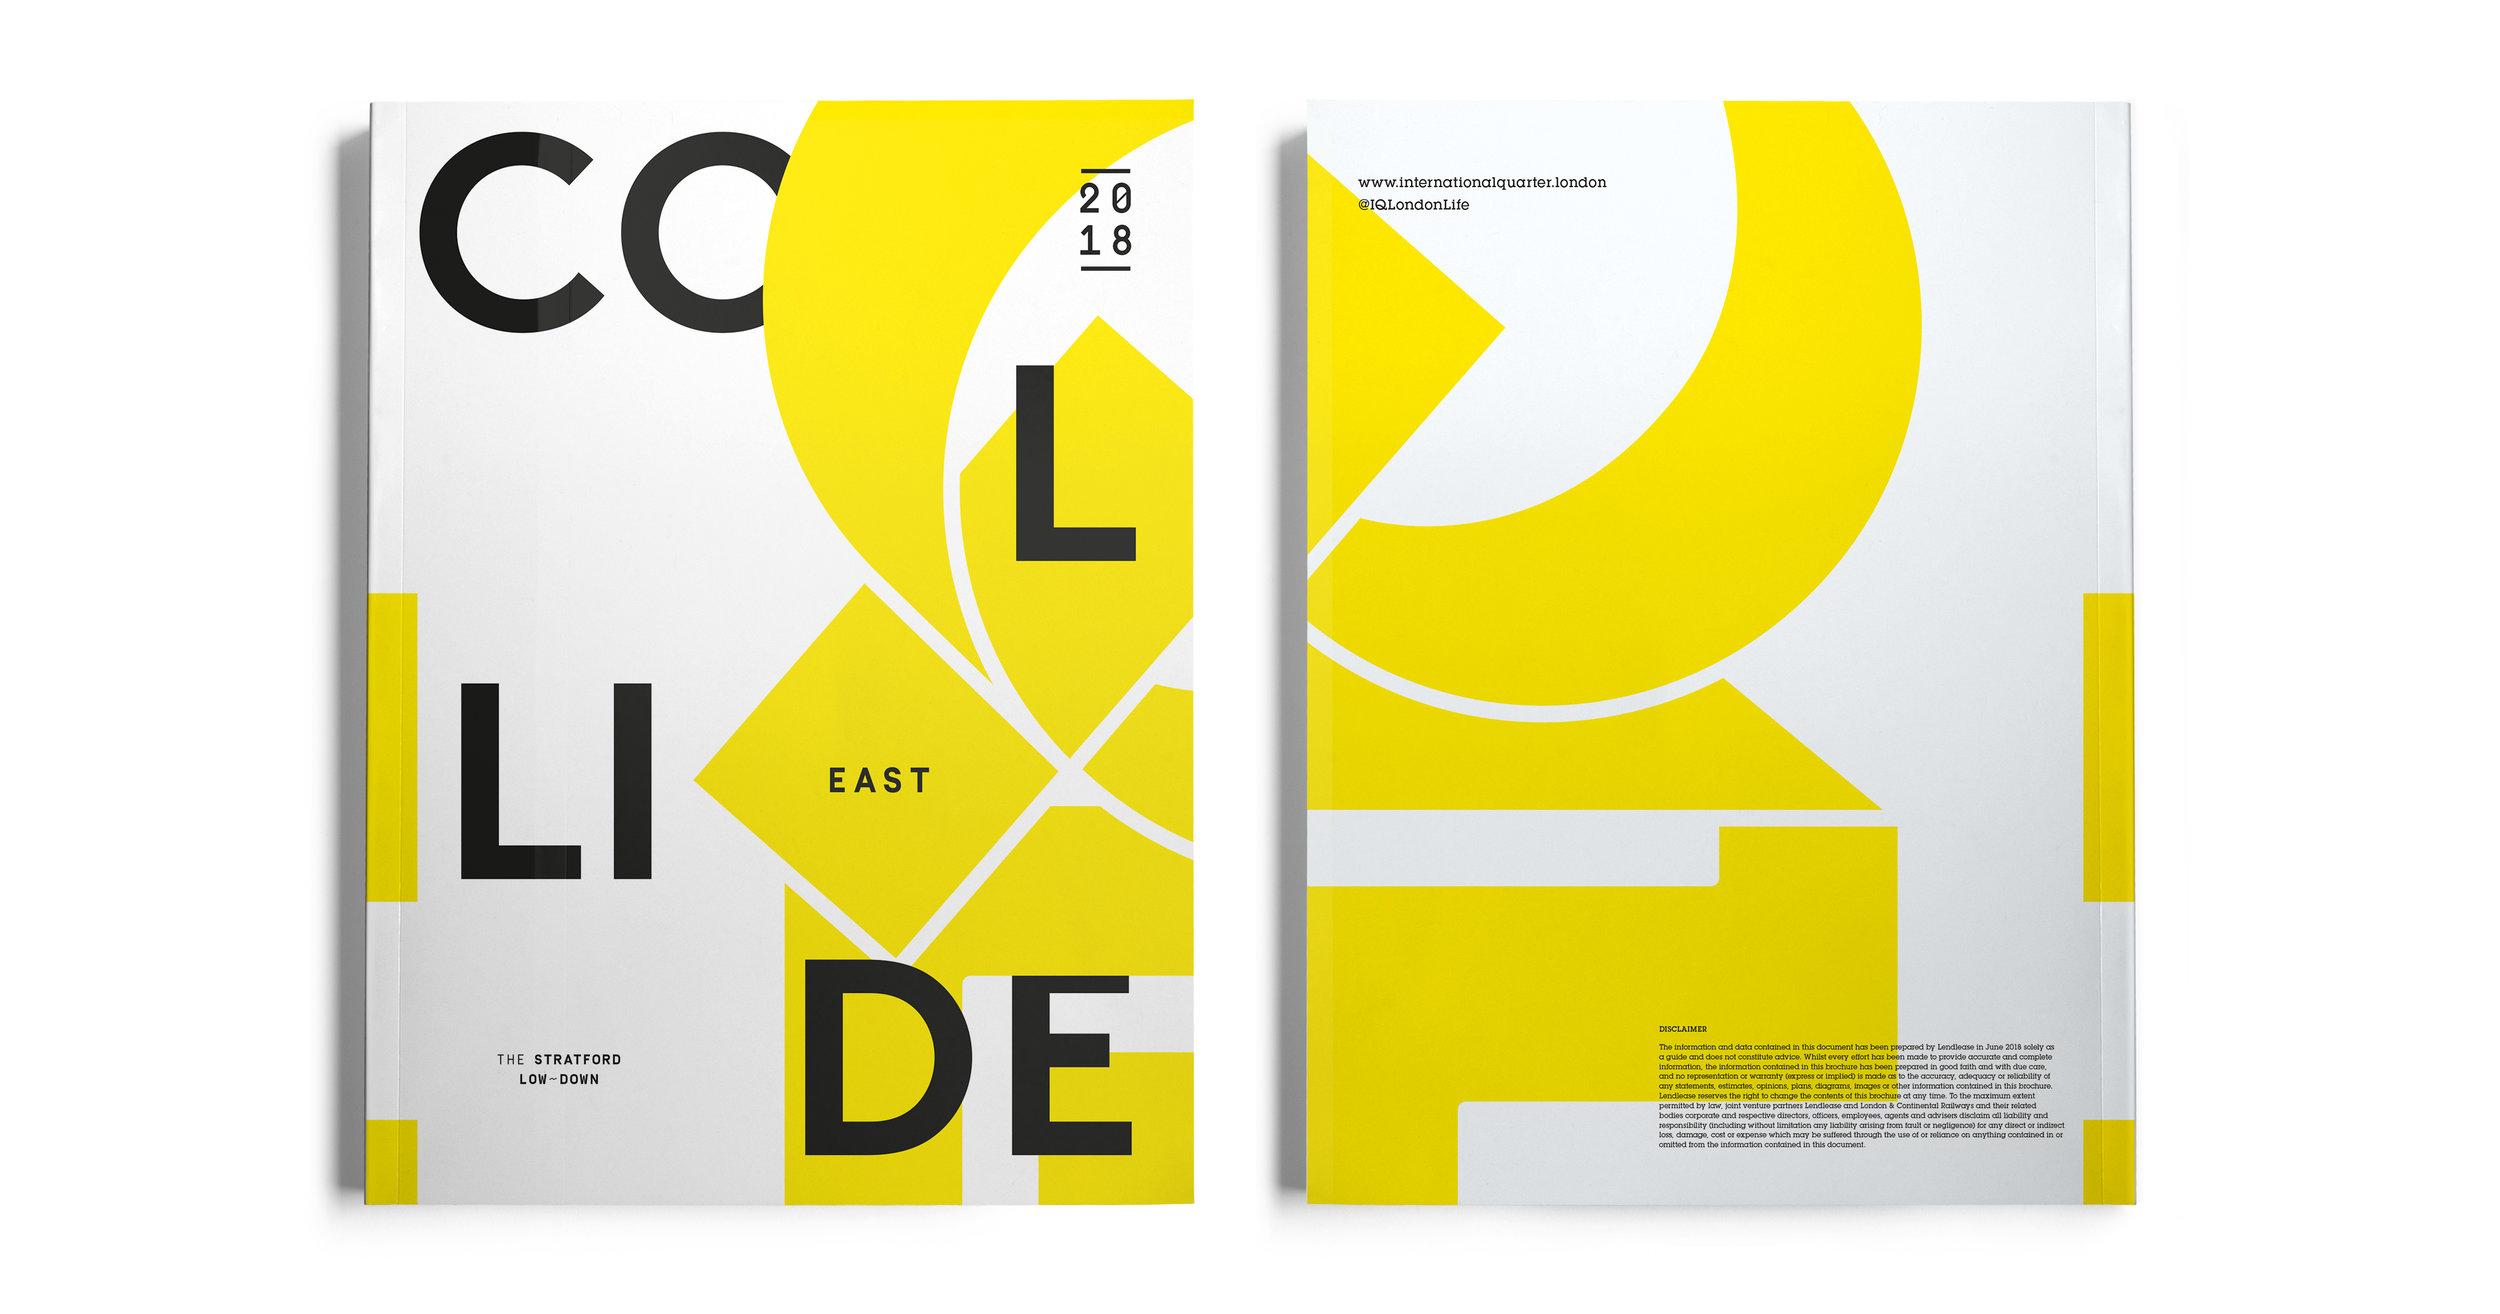 London-design-editorial-magazine-cover-best-typography-galia-rybitskaya-a-ya-studio.jpg